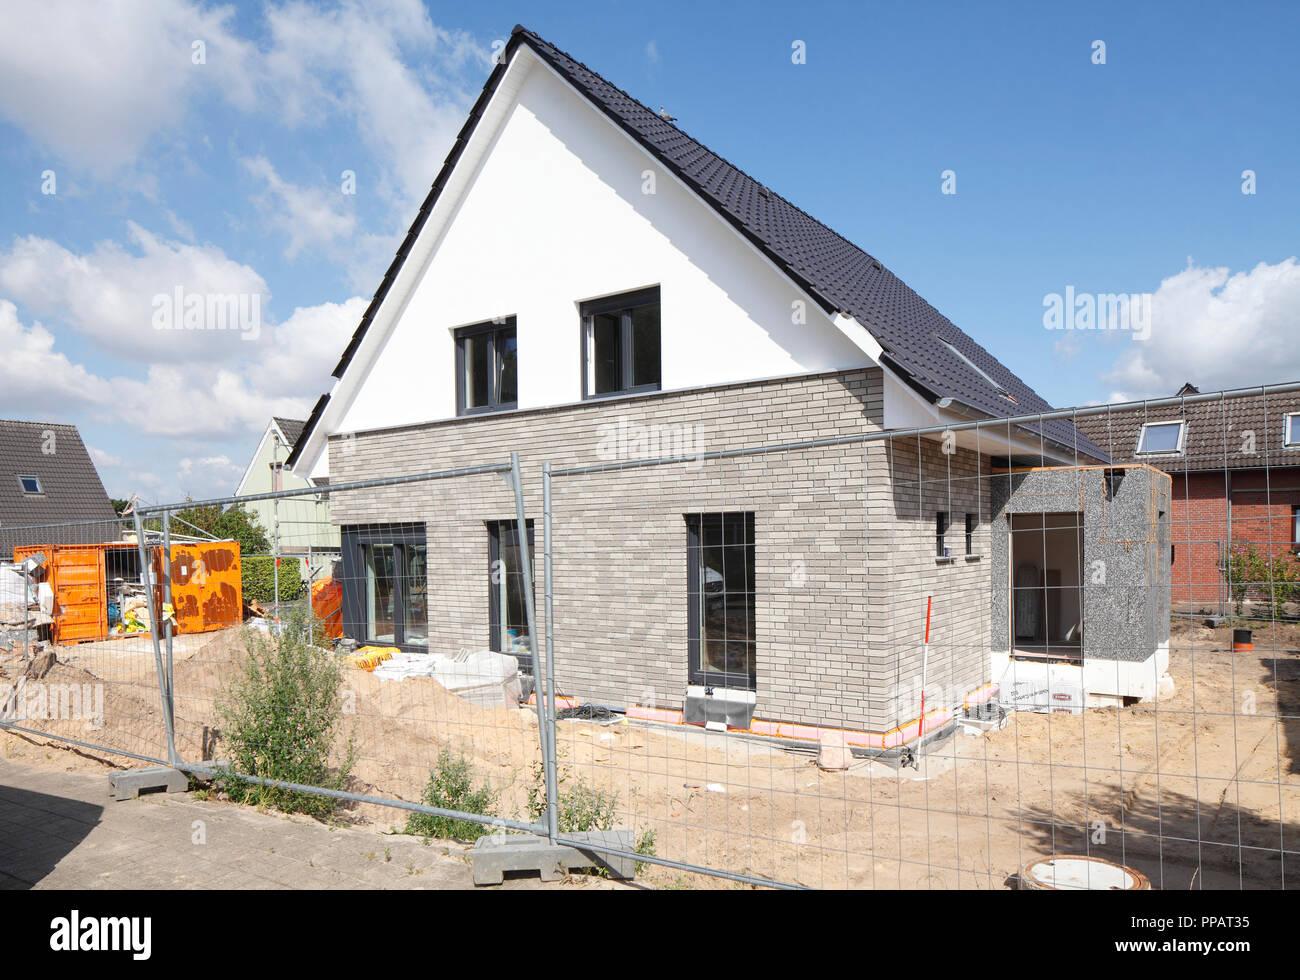 Freistehendes Haus, Bau, Rohbau, Achim, Niedersachsen, Deutschland, Europa ich Einfamilienhaus, Baustelle, Rohbau, Achim, Niedersach Stockfoto